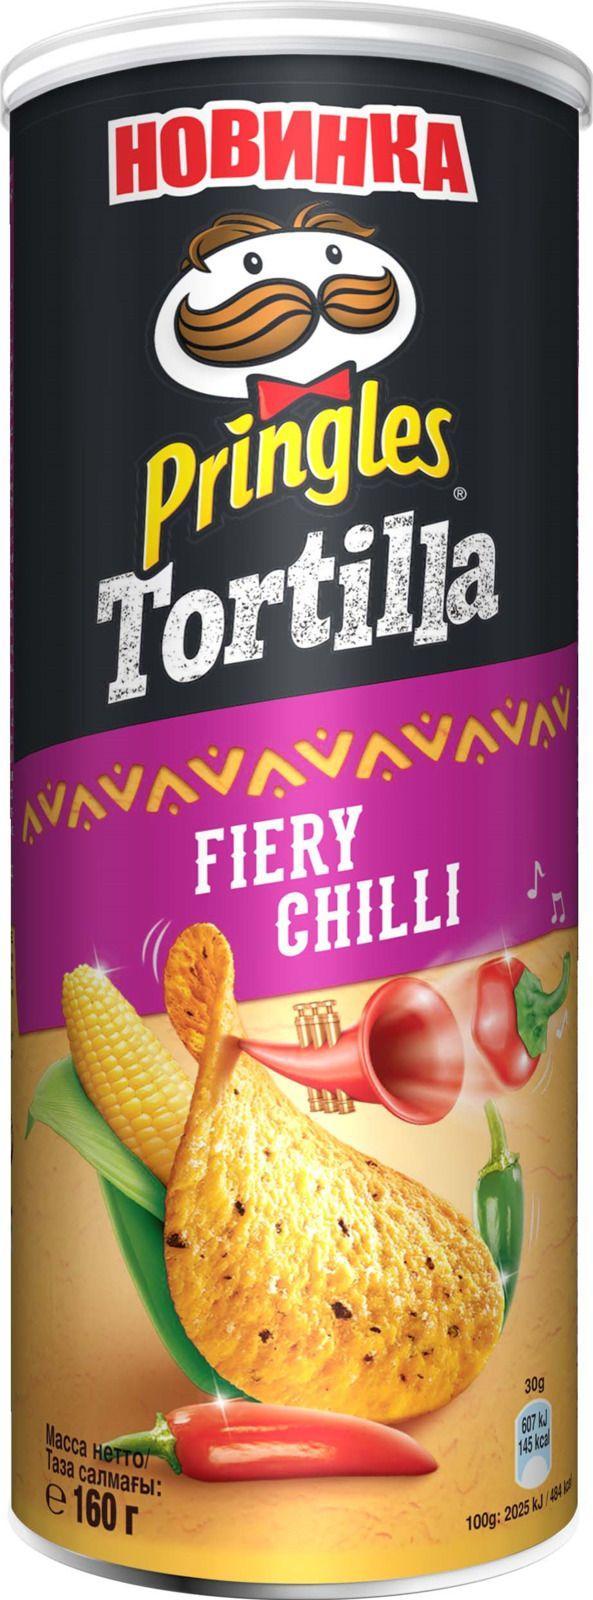 Чипсы Pringles Tortilla кукурузные со вкусом острого перца чили